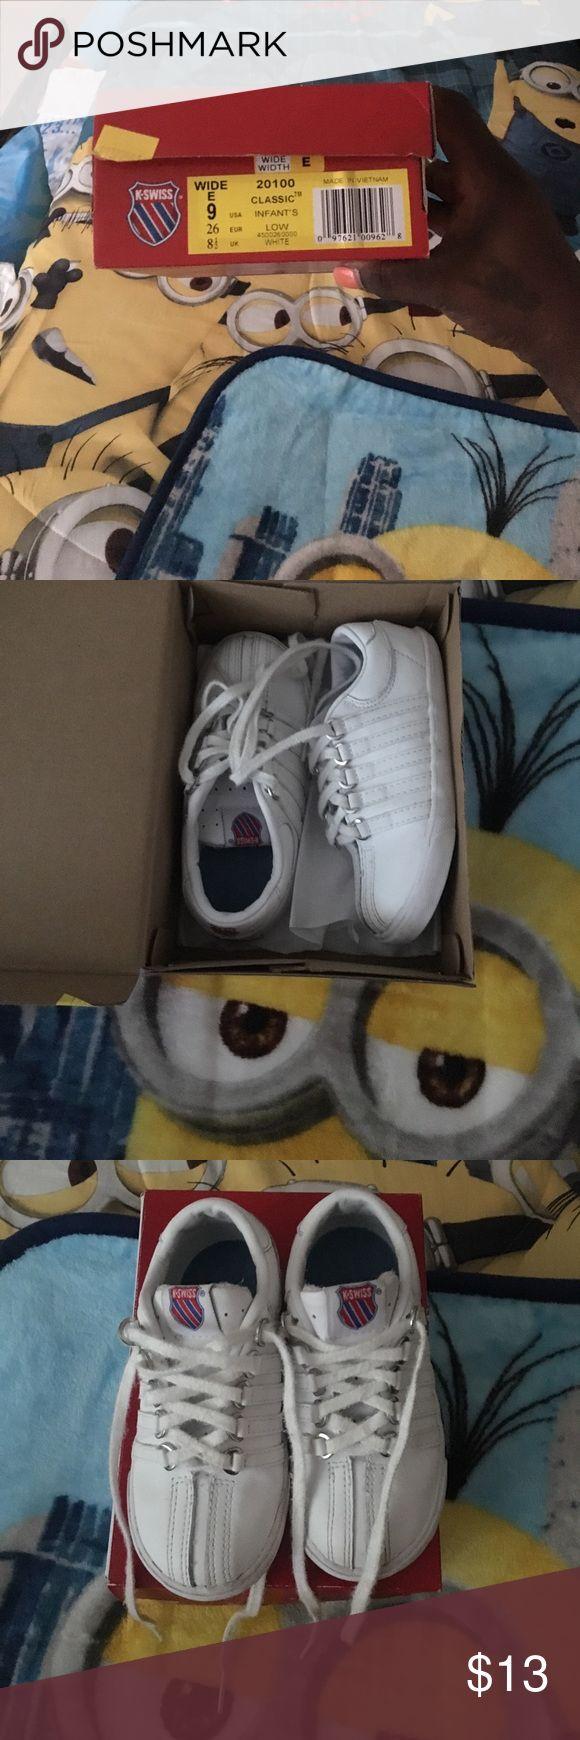 K-Swiss Sneakers K-Swiss Shoes Sneakers